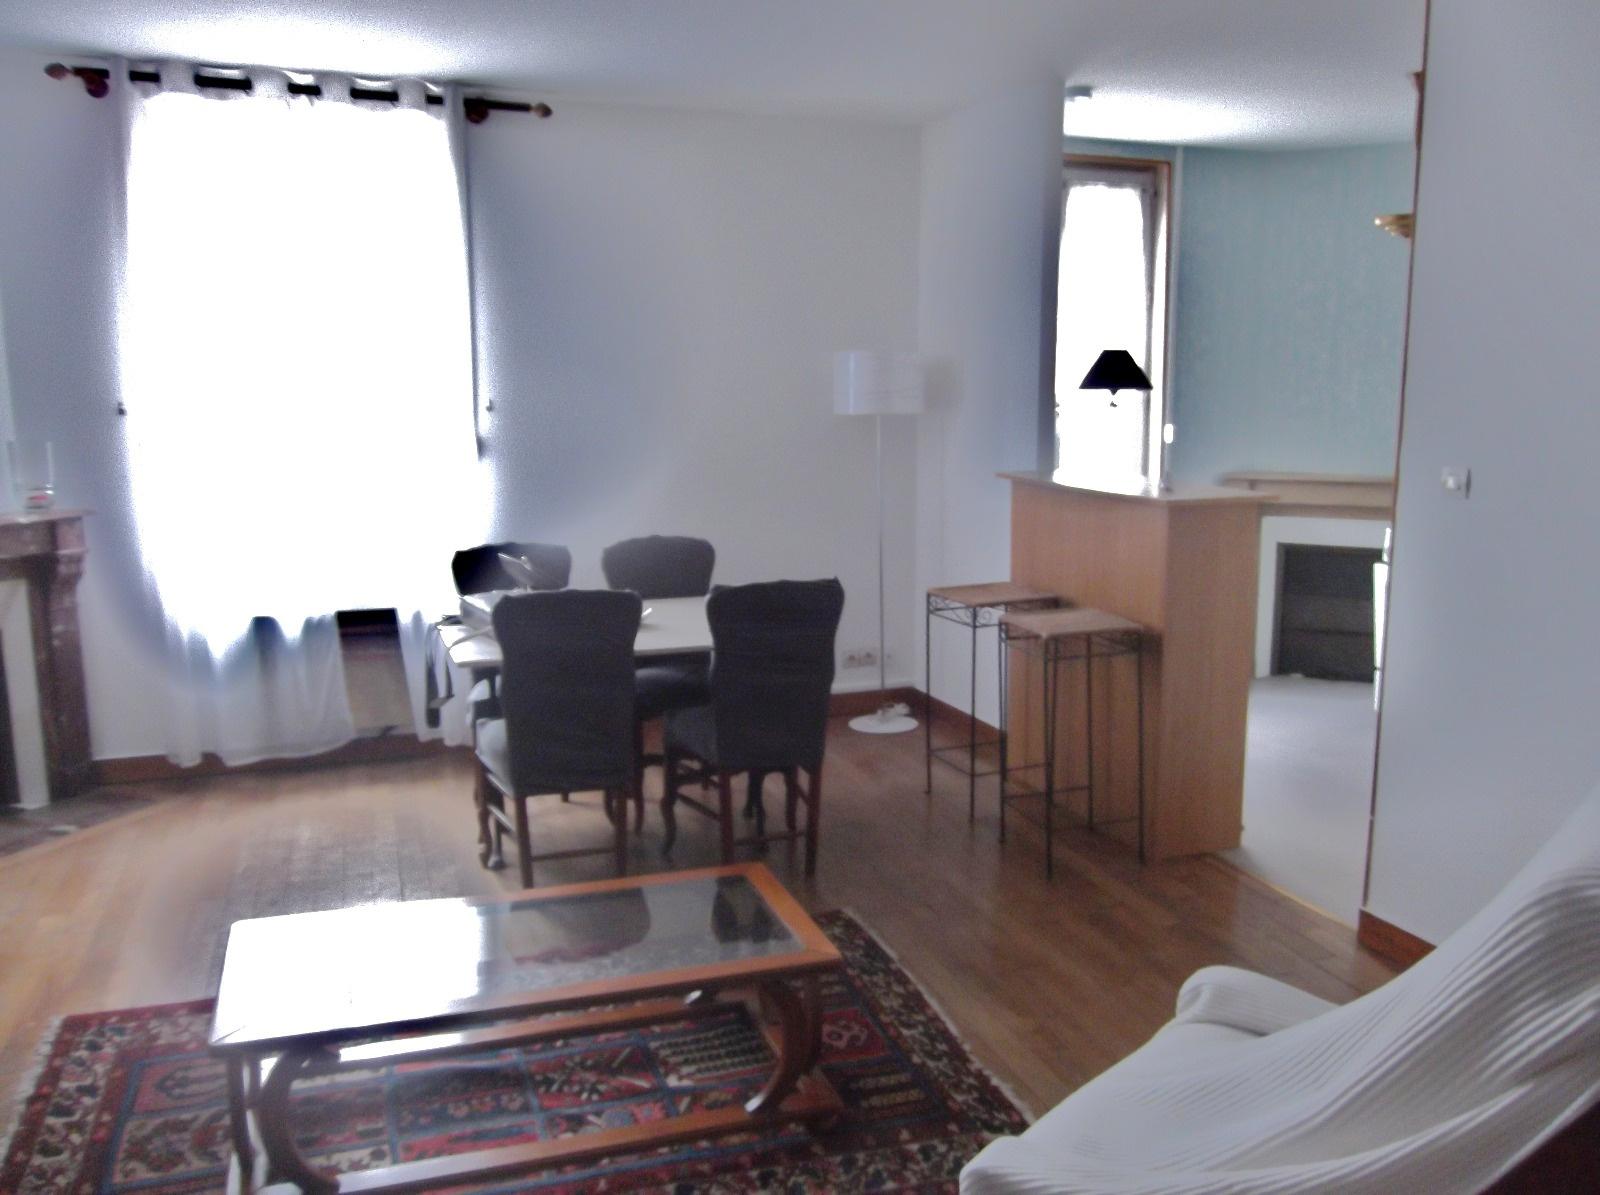 Cuisine Et Salle De Bain Nevers ~ location nevers centre appartement t 3 4 avec meubles